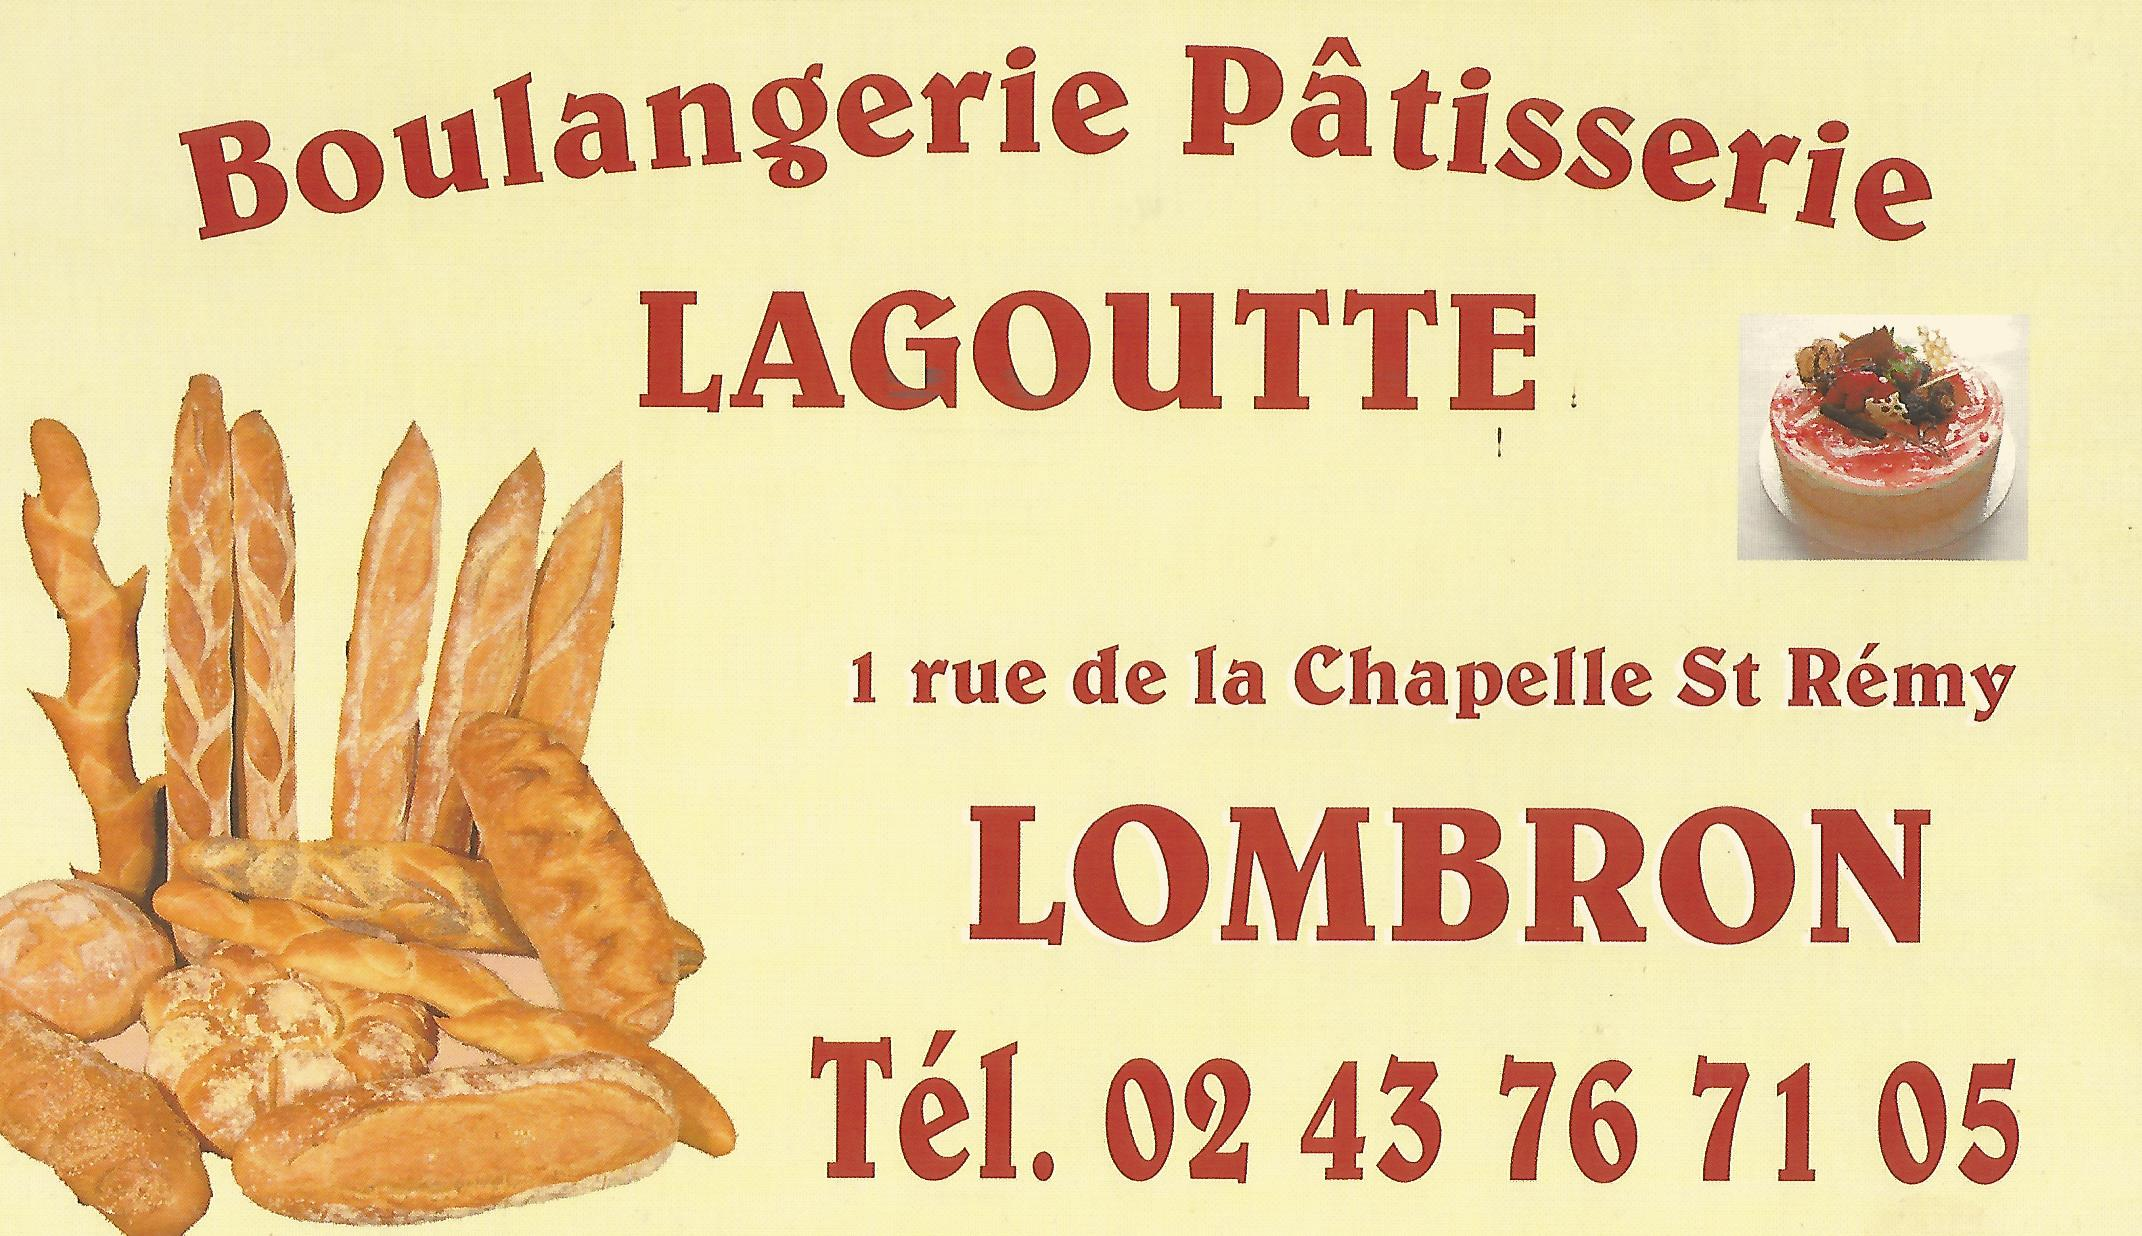 sponsor boulangerie lagoutte